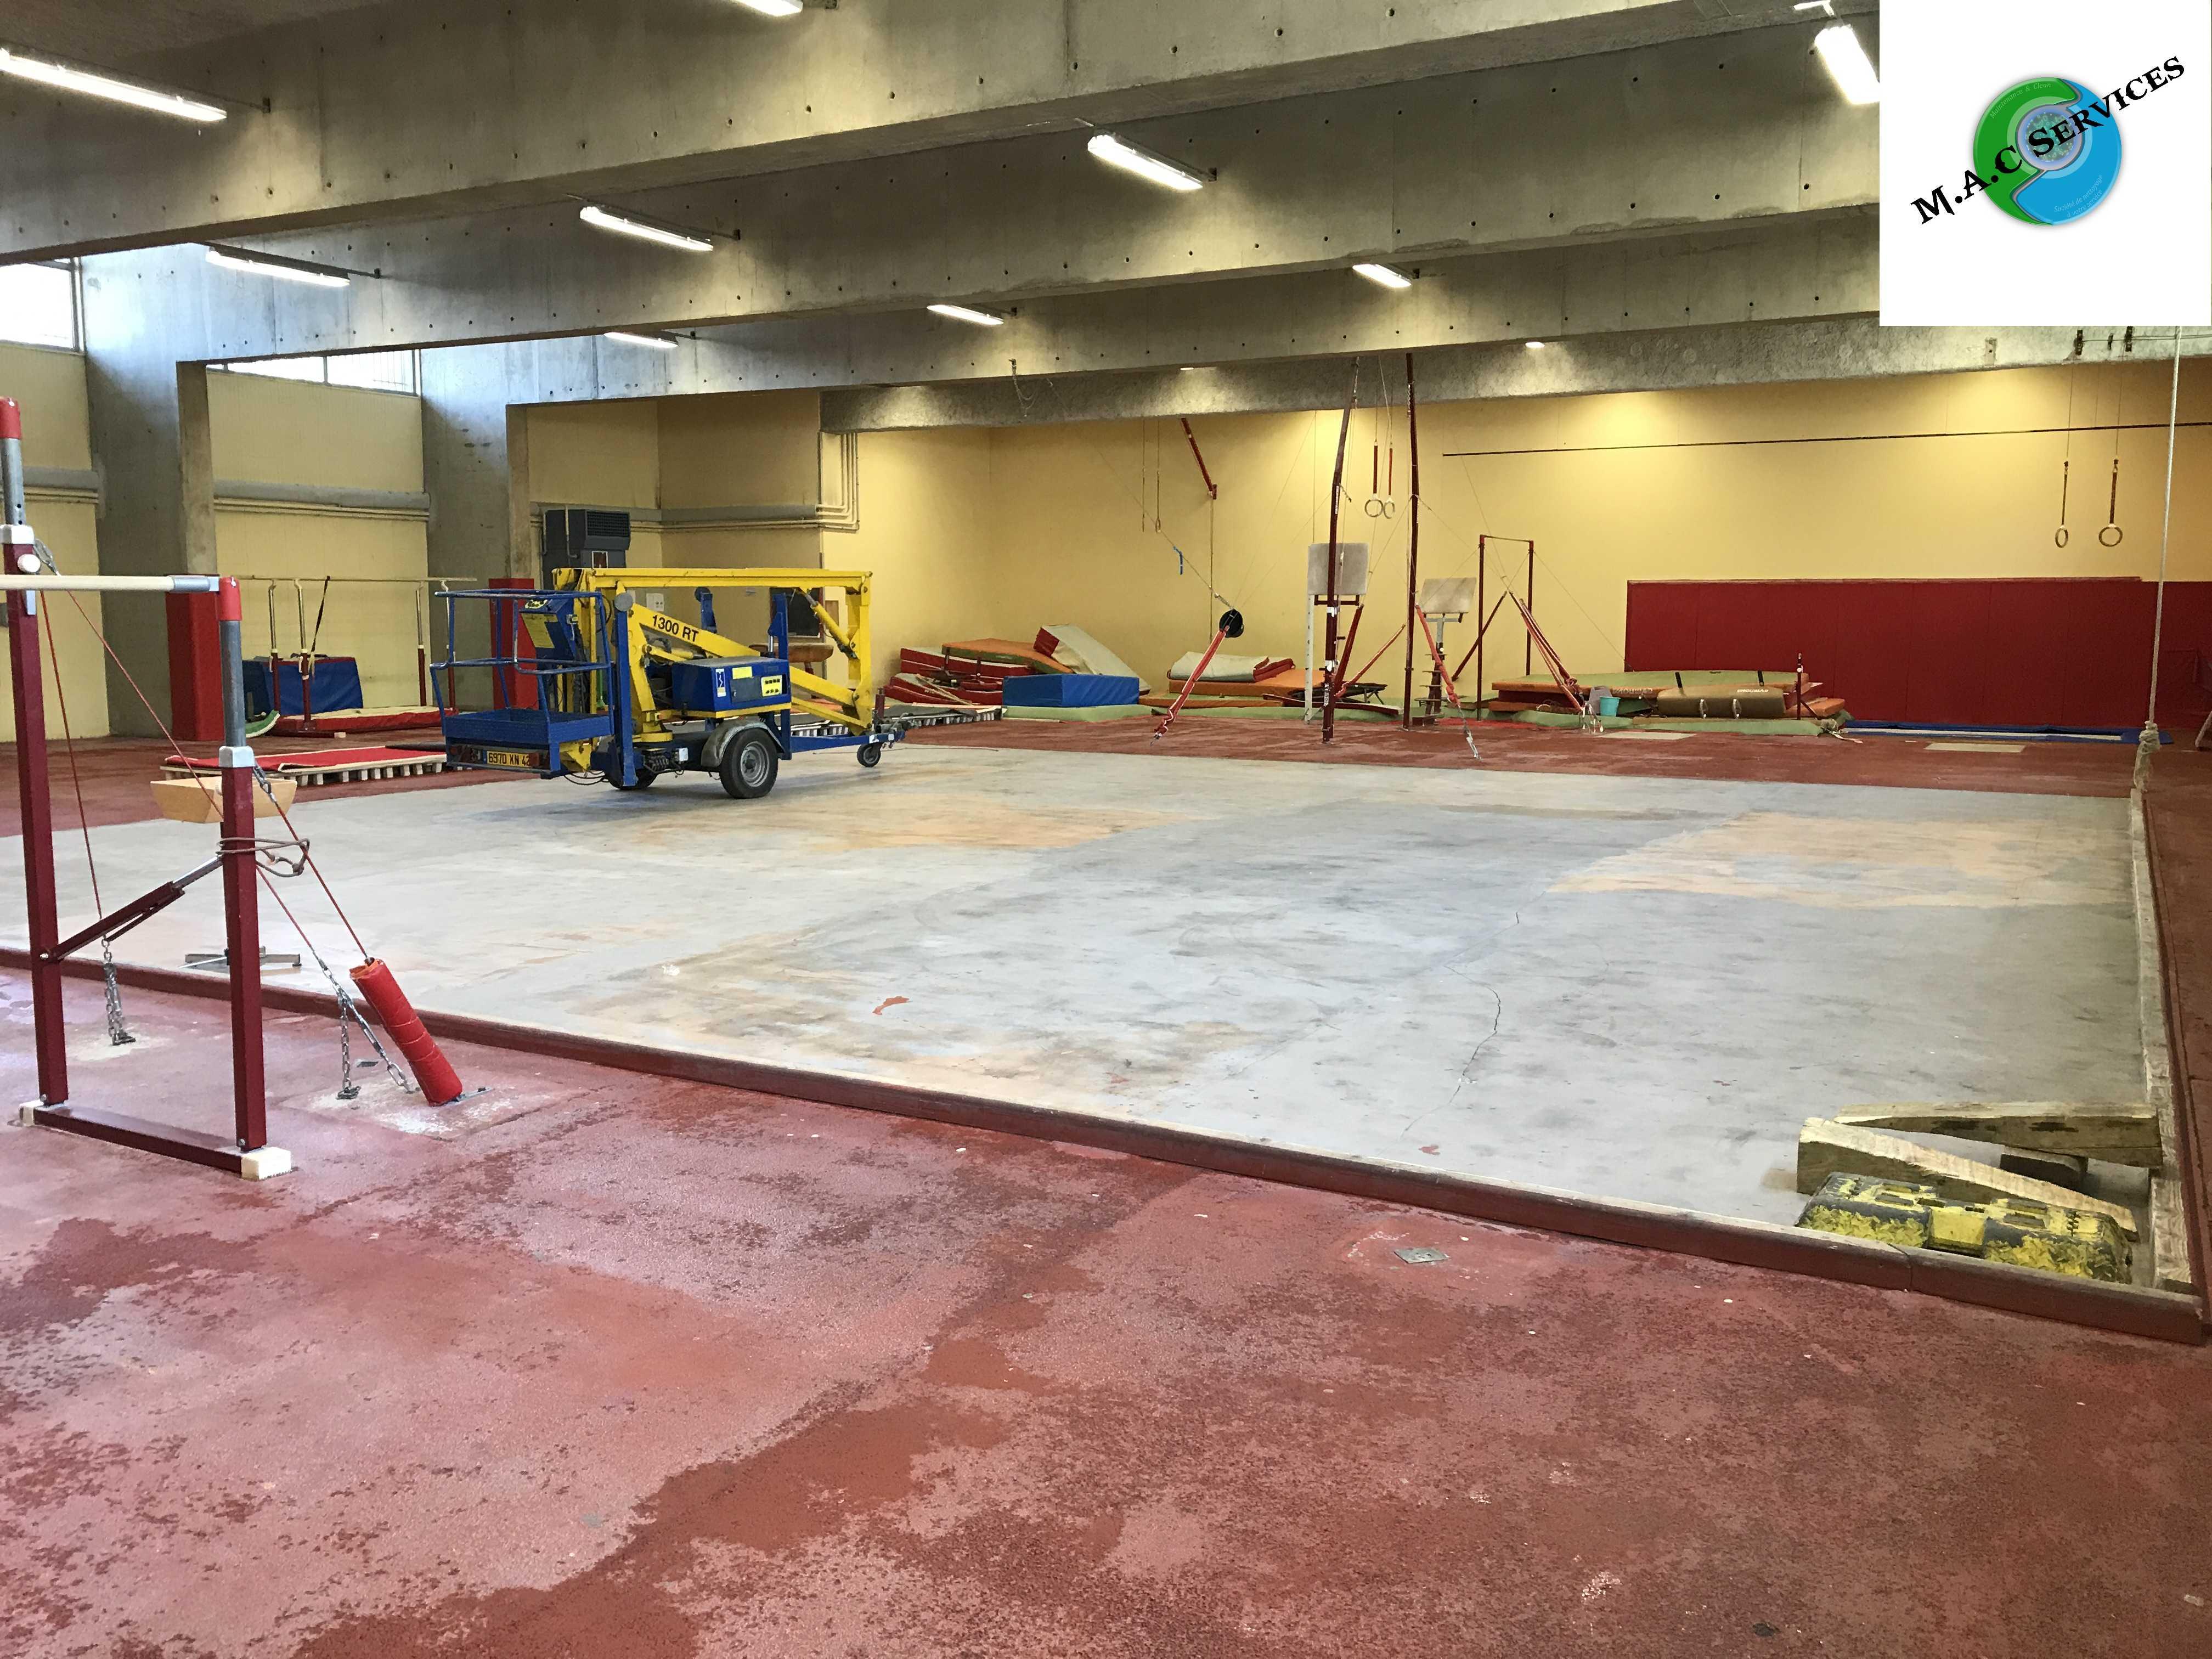 Remise en état du gymnase GM5 de Firminy - 42600, ce lundi 17 et mardi 18 juillet 2017.